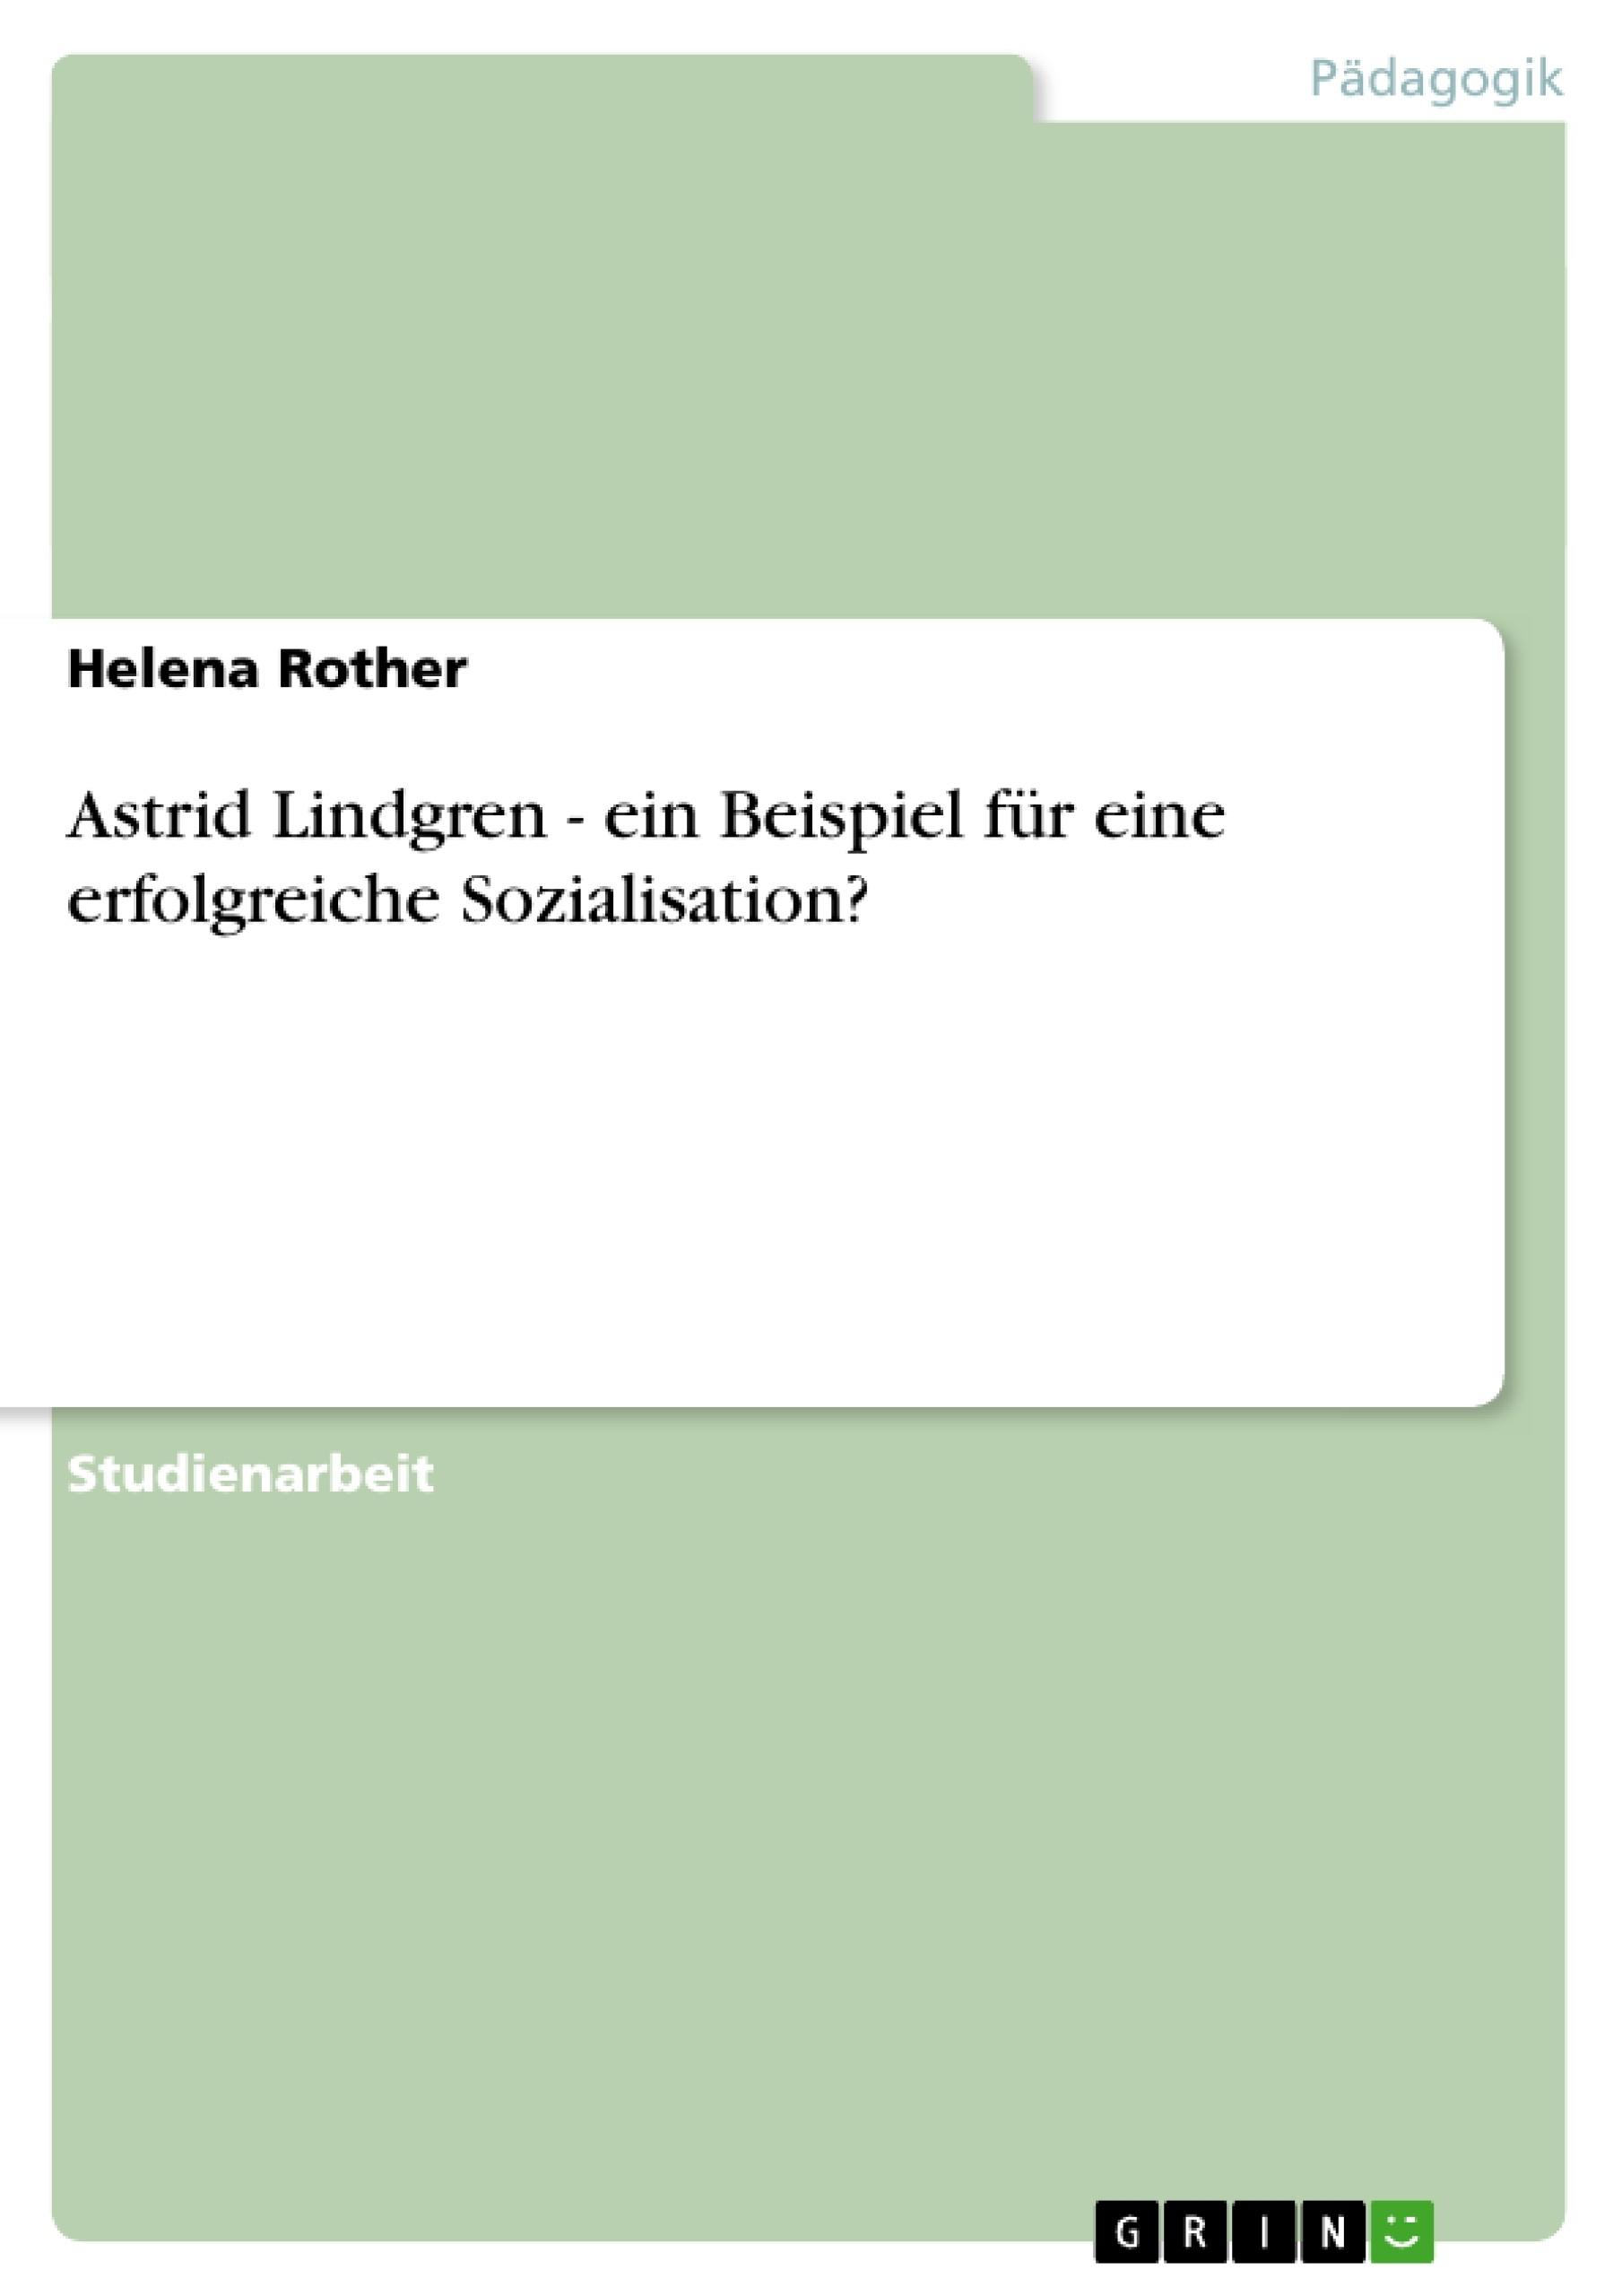 Astrid Lindgren - ein Beispiel für eine erfolgreiche Sozialisation ...